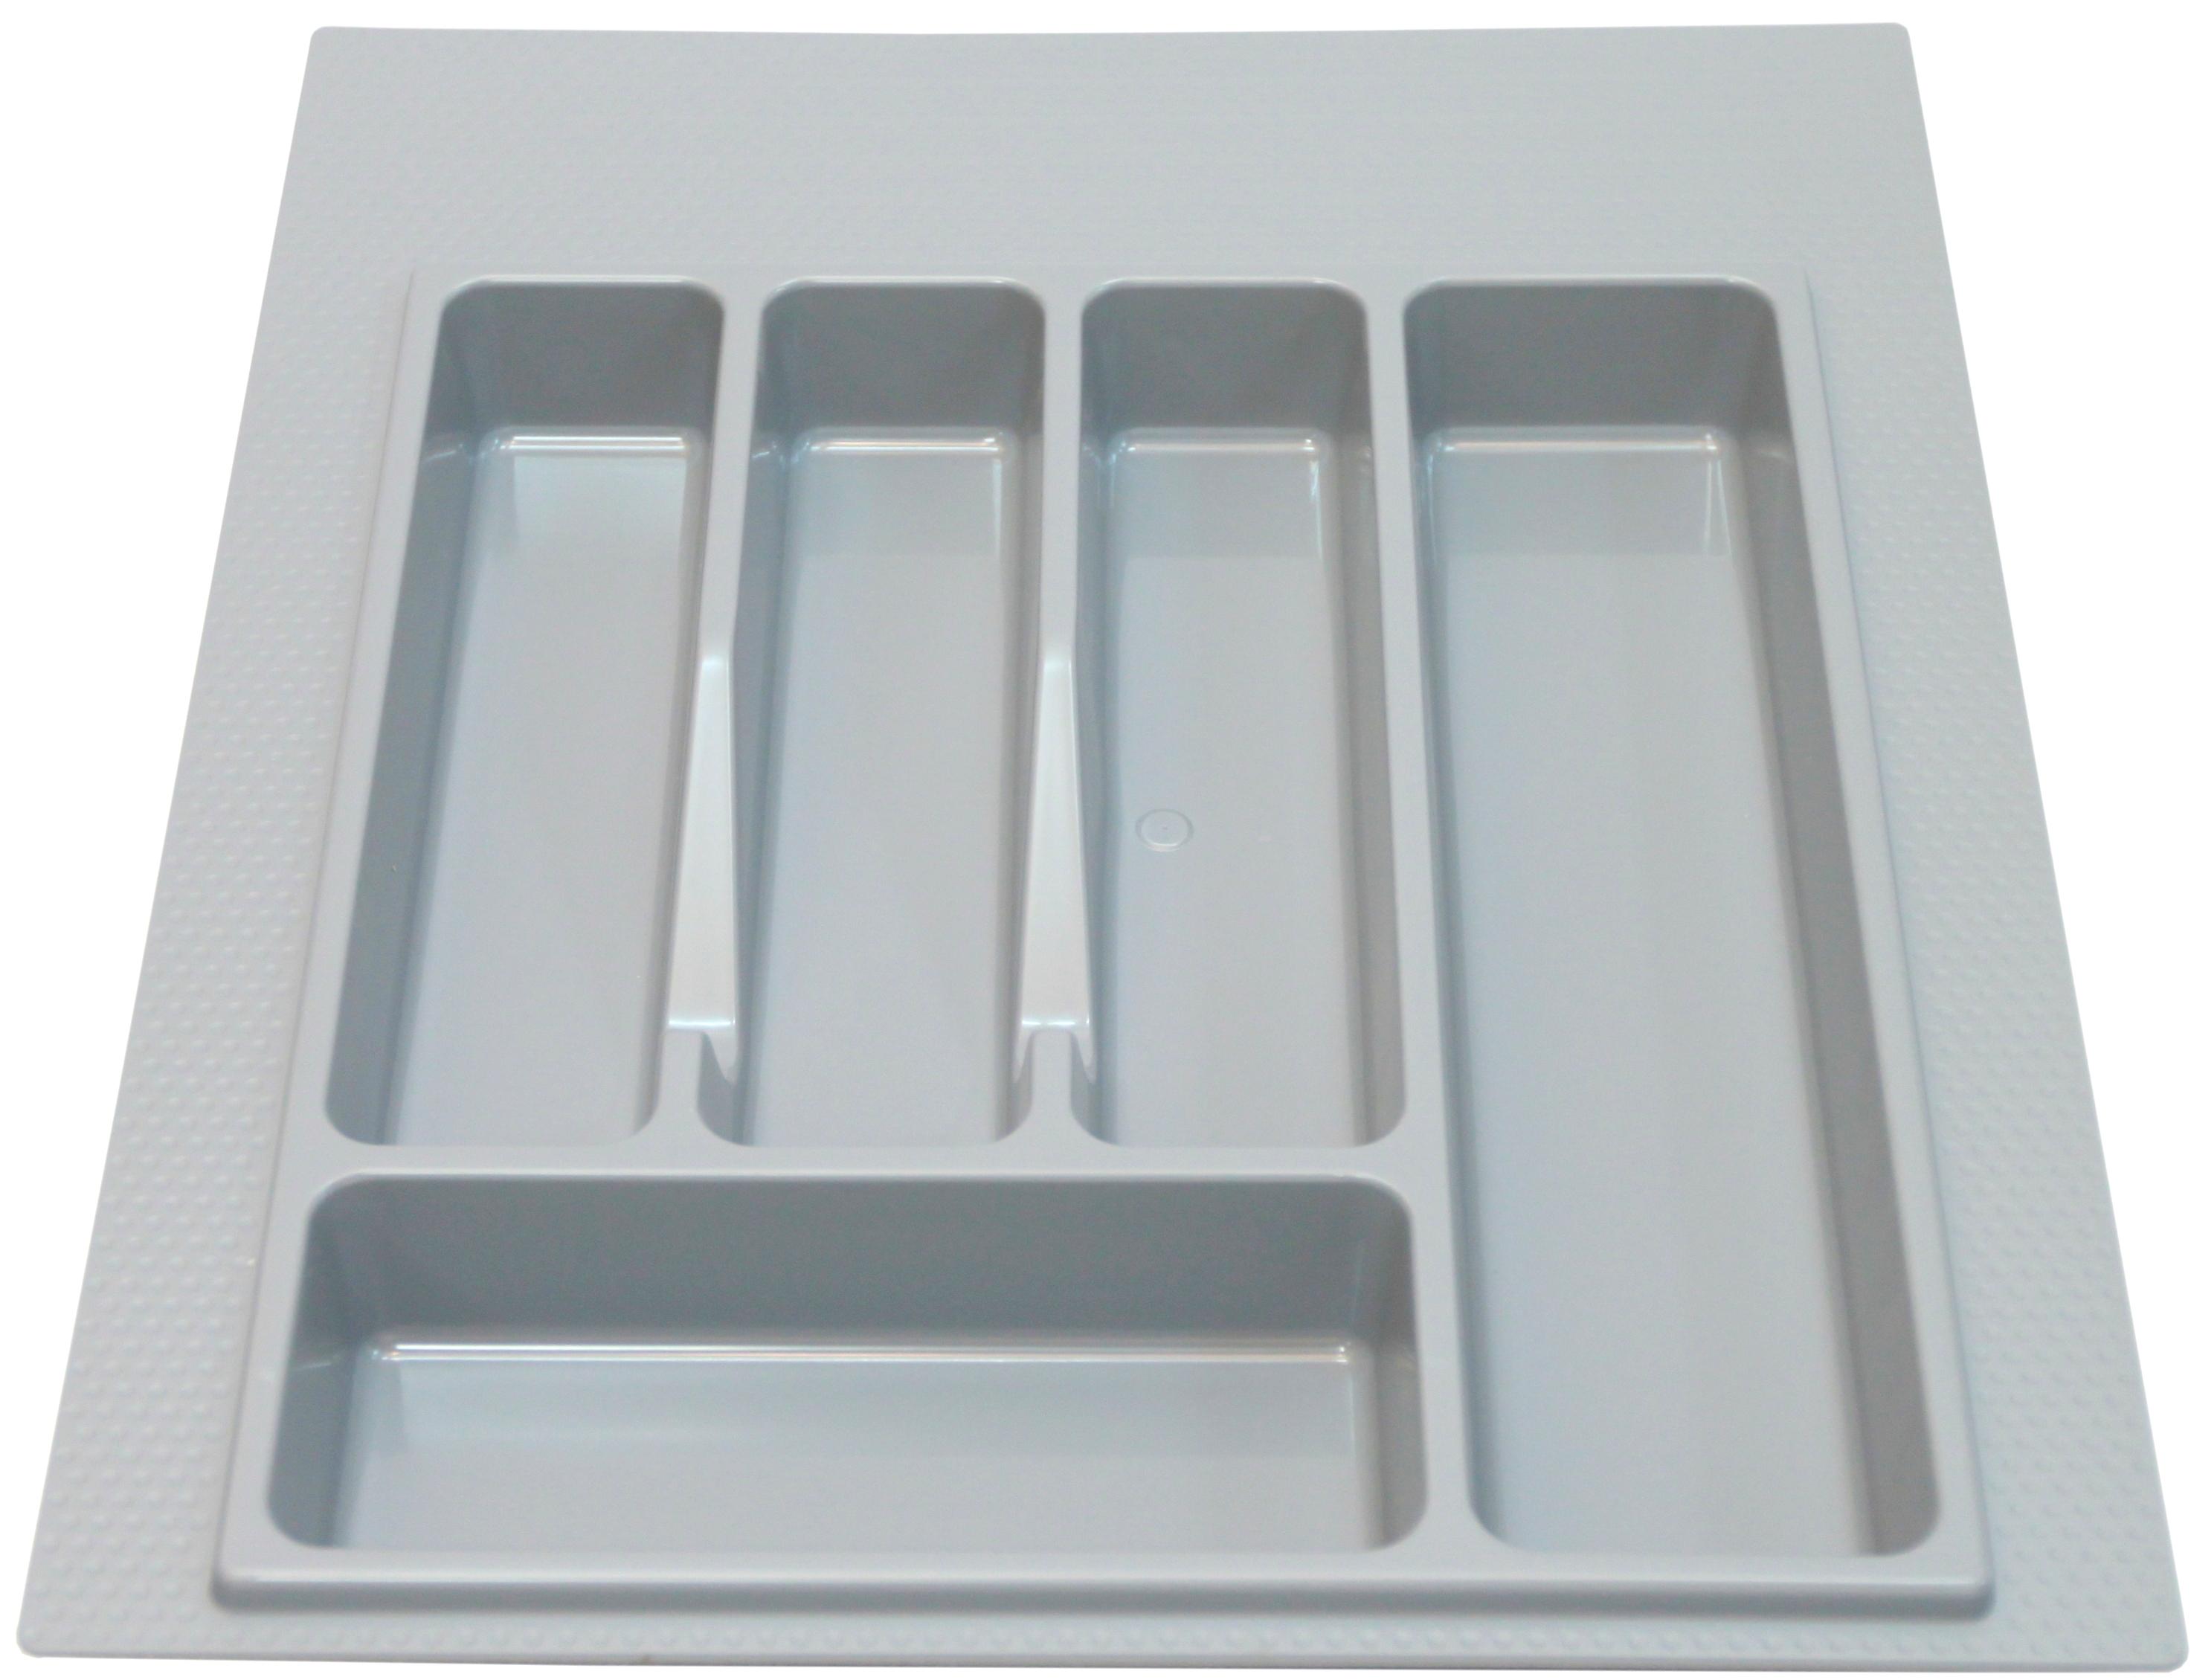 Лоток для столовых приборов 400-450мм белый